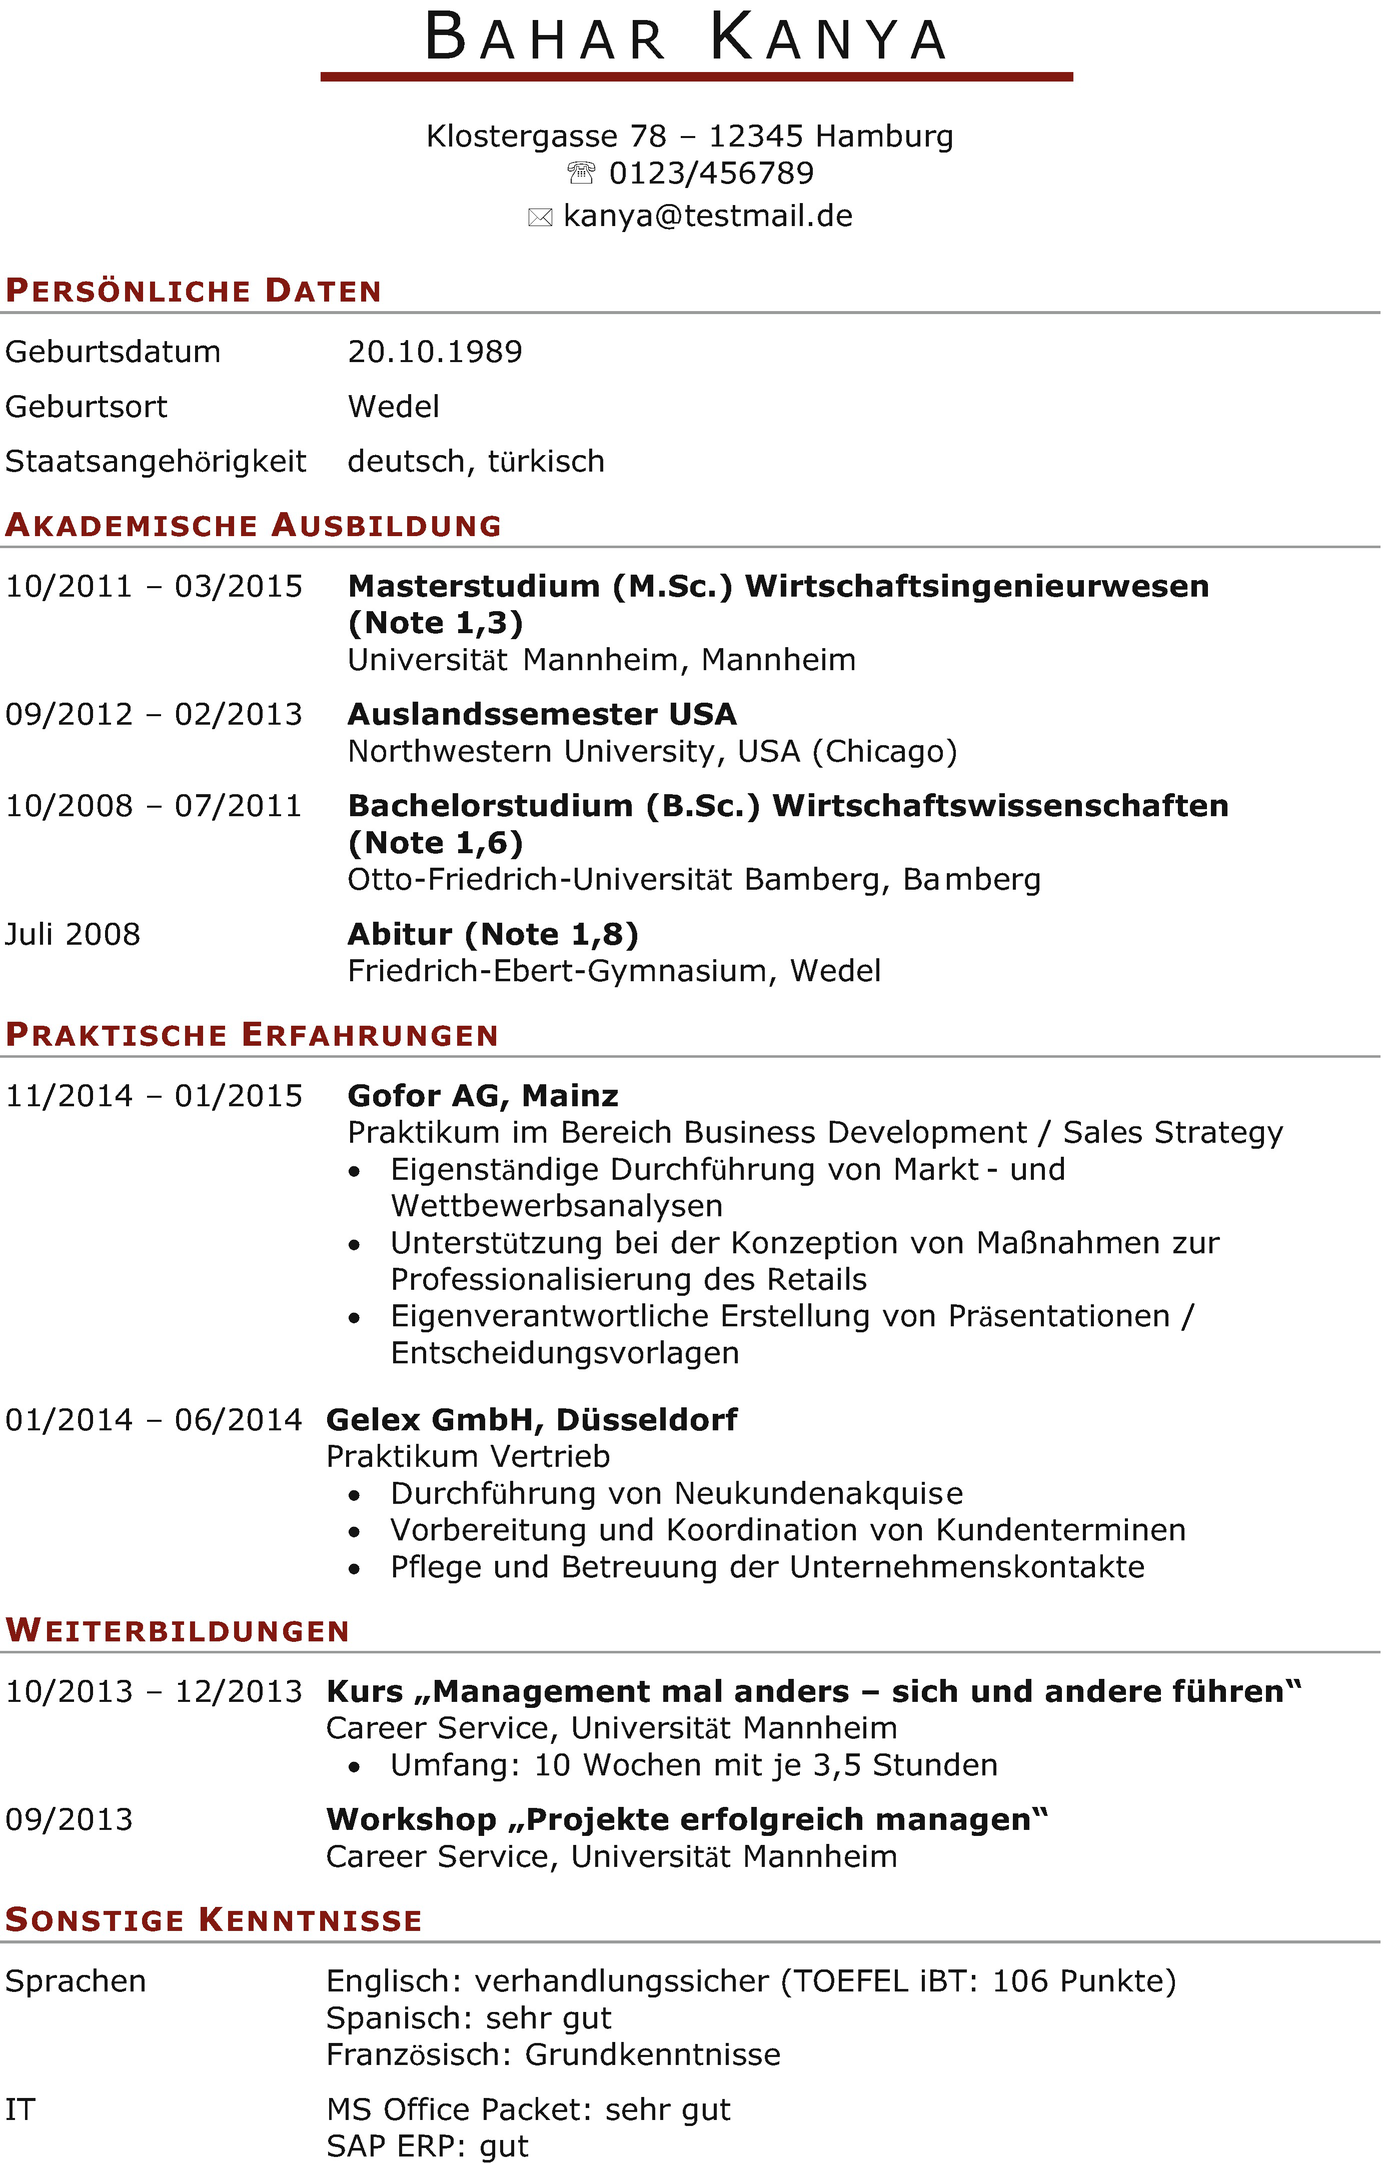 ... Lebenslauf von Frau Kanya zugesendet, seiner zukünftigen Mentee. Herr  Müller fragt sich: Hat Frau Kanya das Zeug zur Führungskraft bei der CoTek  GmbH?